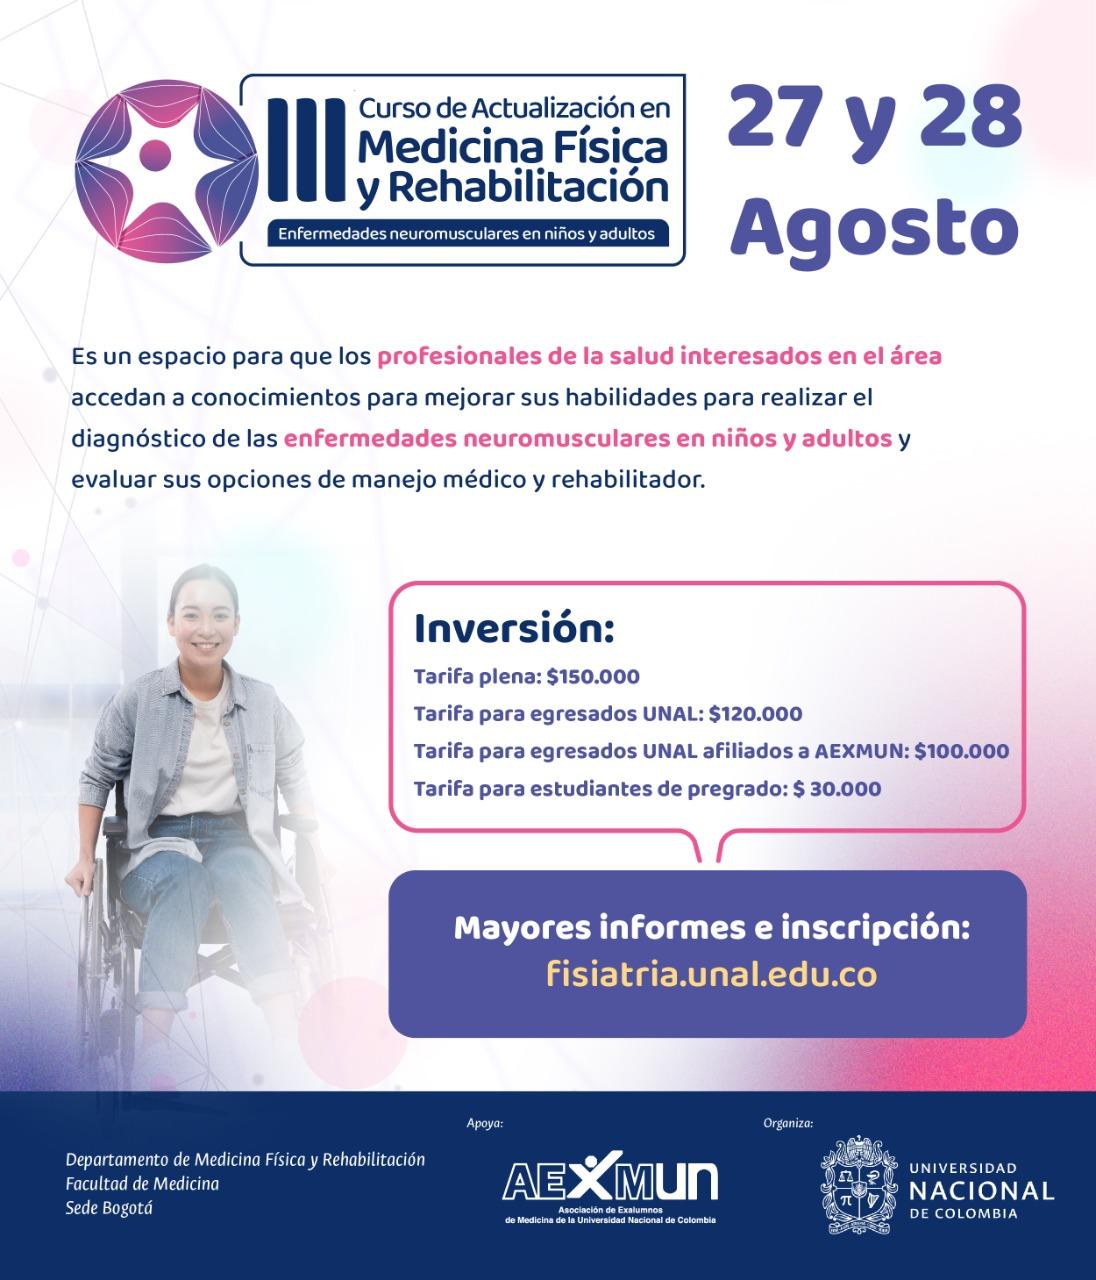 III Curso de Actualización en Medicina Física y Rehabilitación